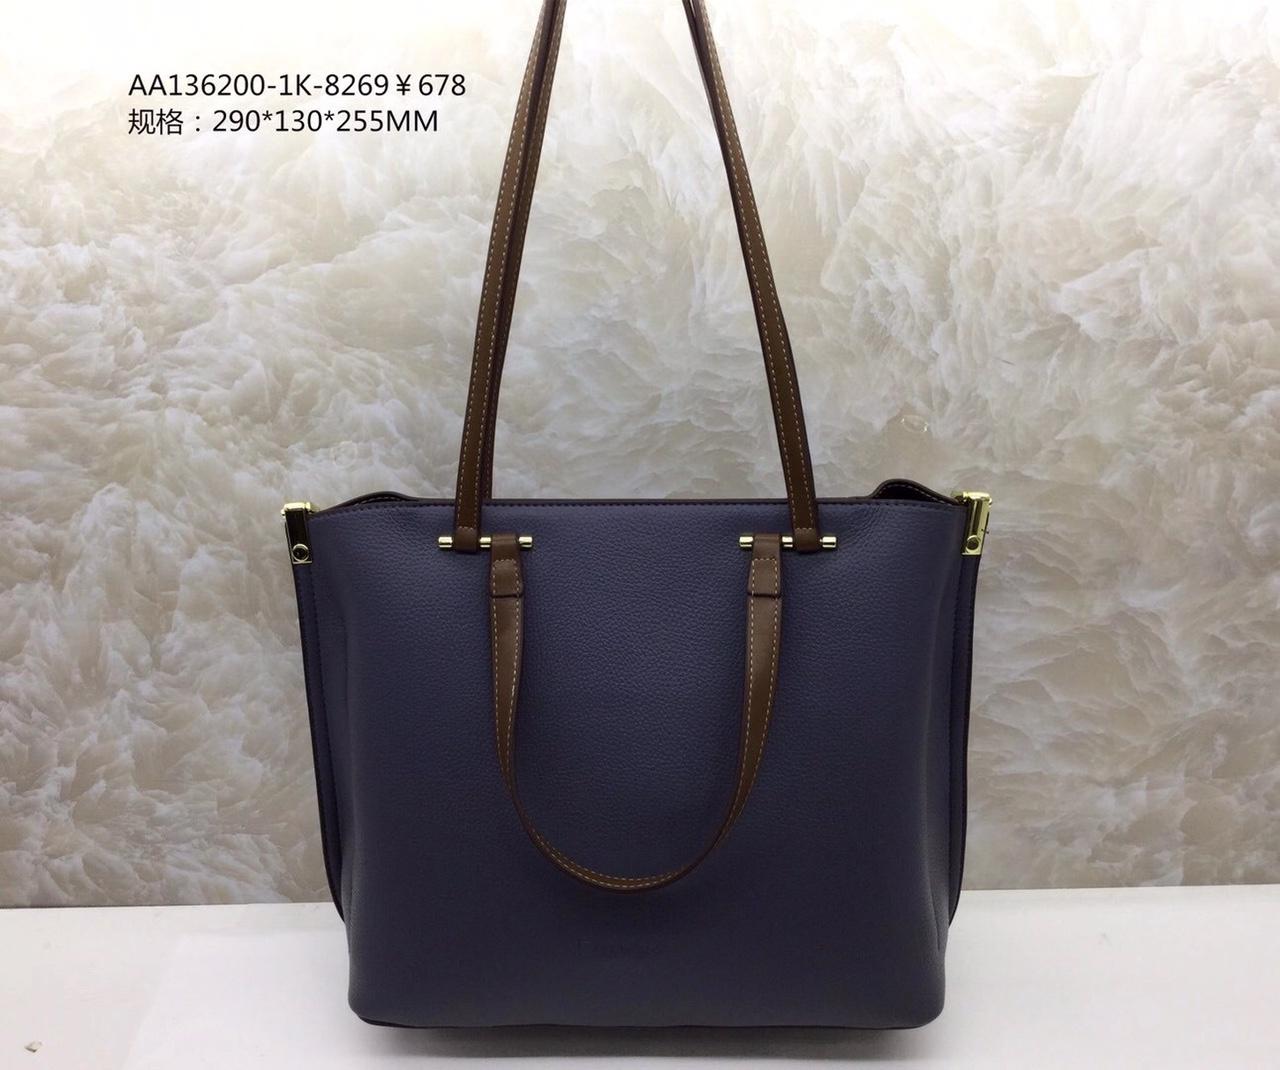 女士手提包可背,实用大气,进口面料,尺寸:290*130*256CM颜色:灰蓝/卡其